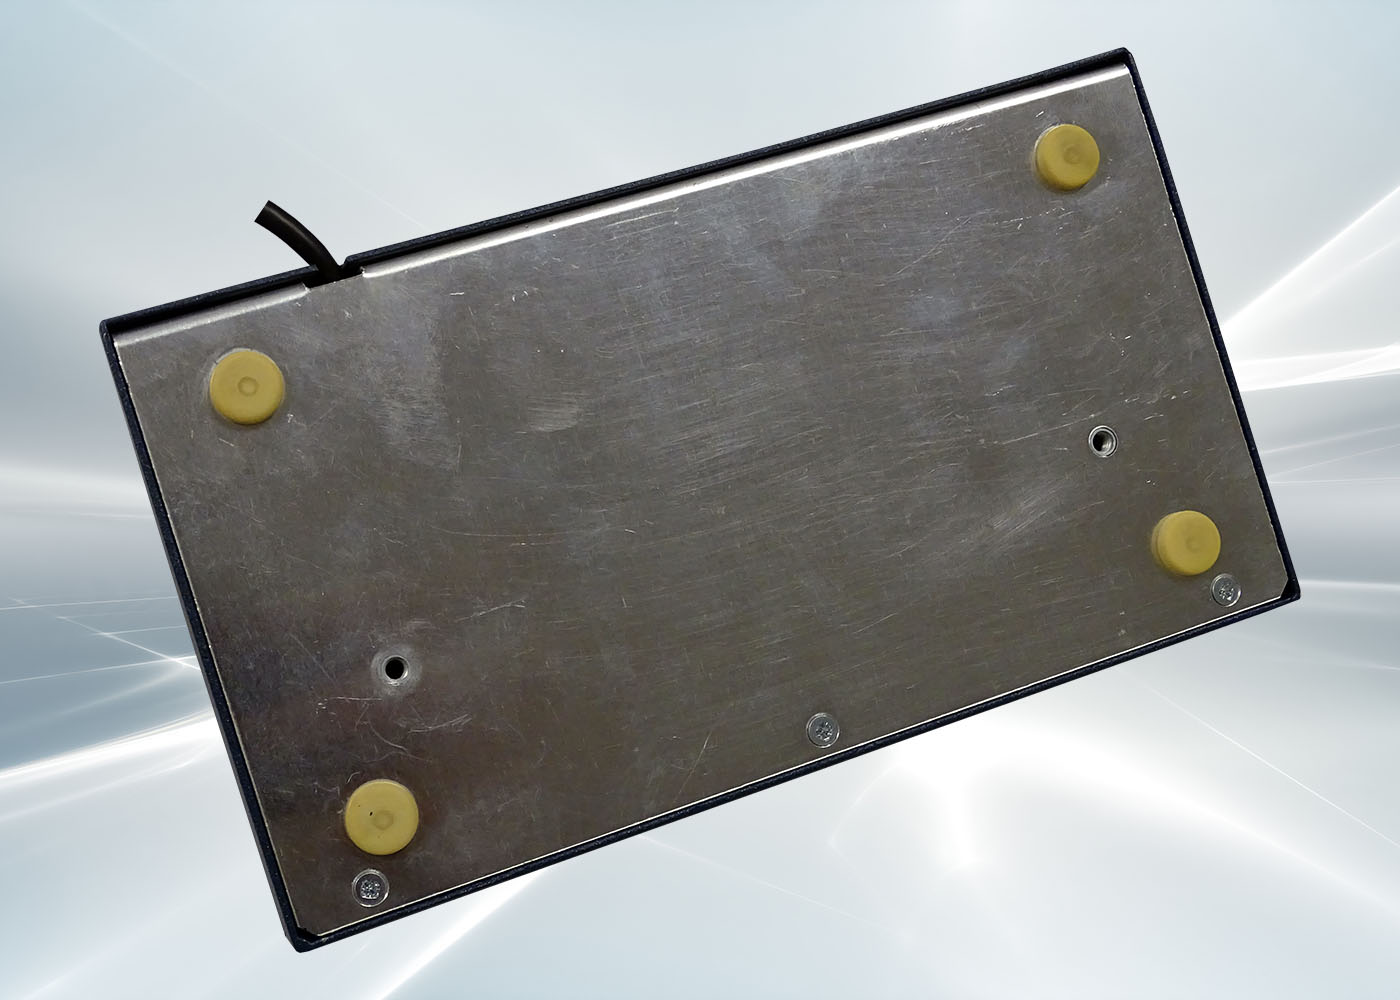 NX518 : clavier industriel compact 43 touches en boitier de table – Vue dessous